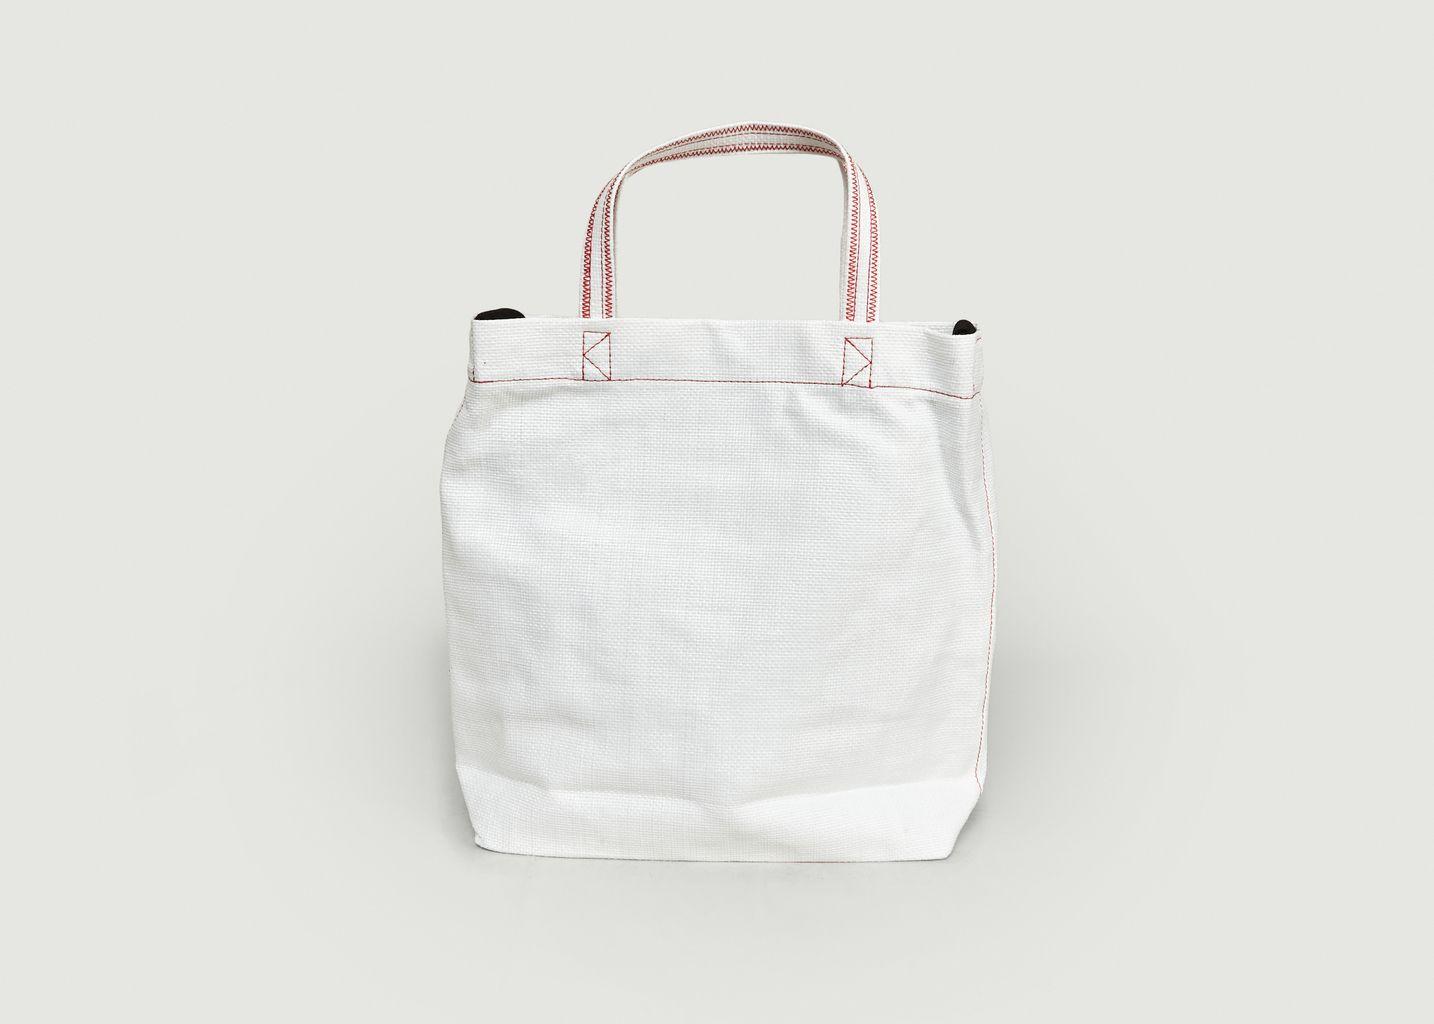 Tote Bag Ricebag - Kenzo